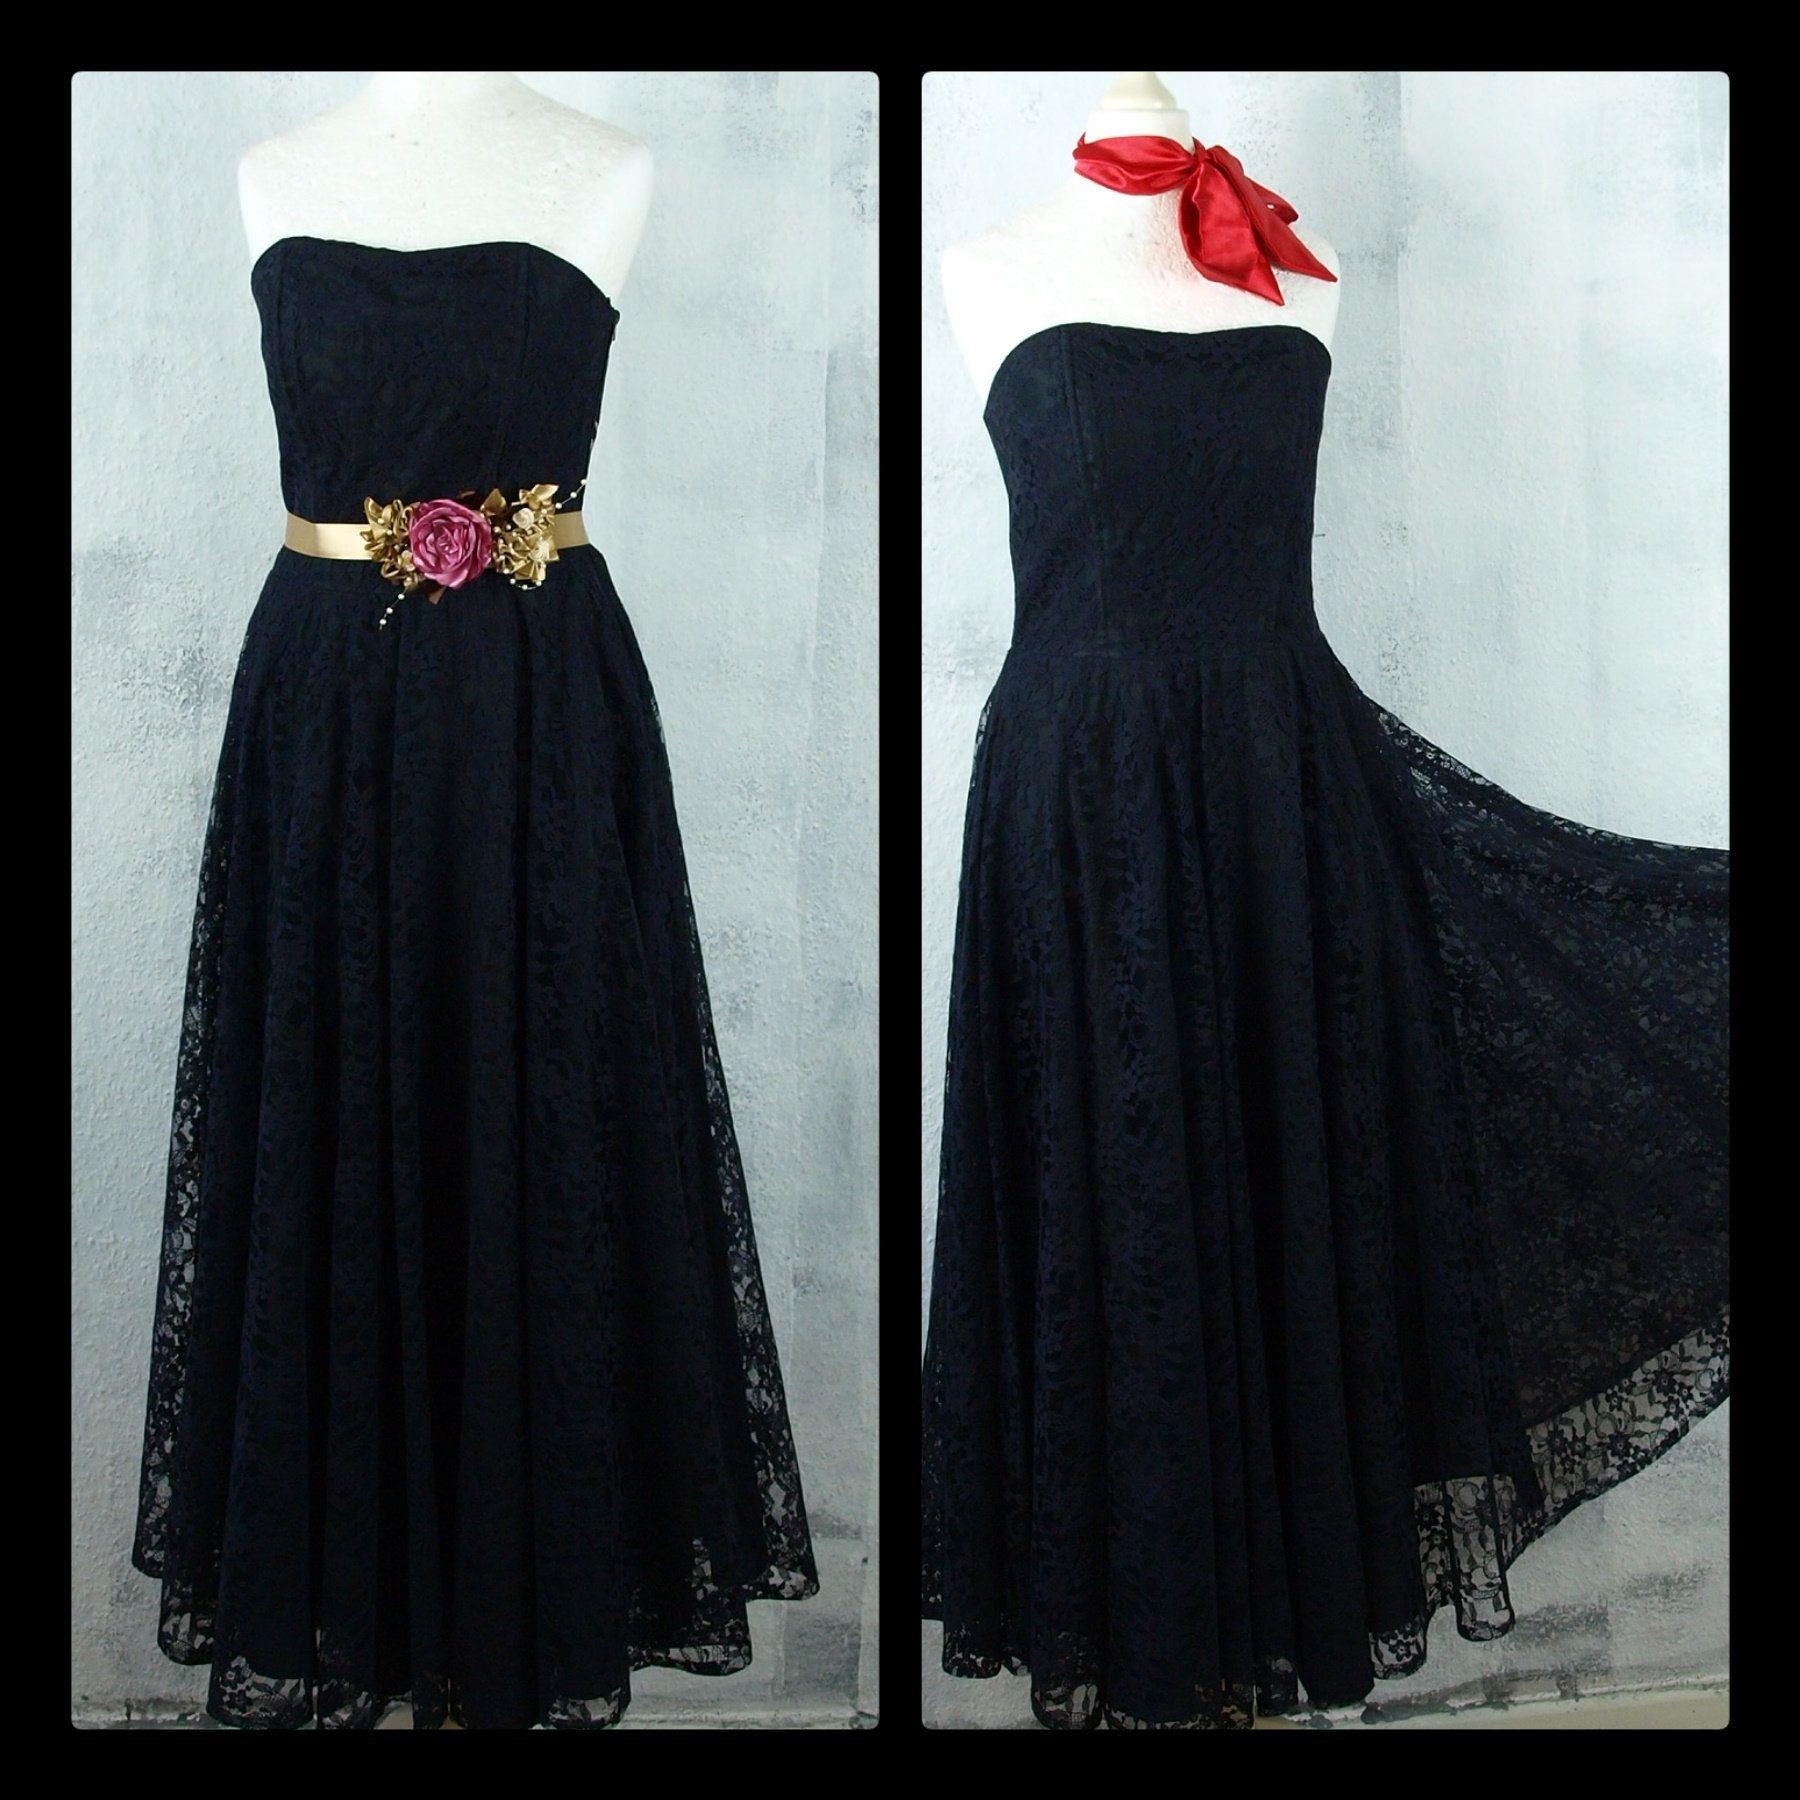 Formal Erstaunlich Abendkleid Upcycling Design13 Perfekt Abendkleid Upcycling Vertrieb